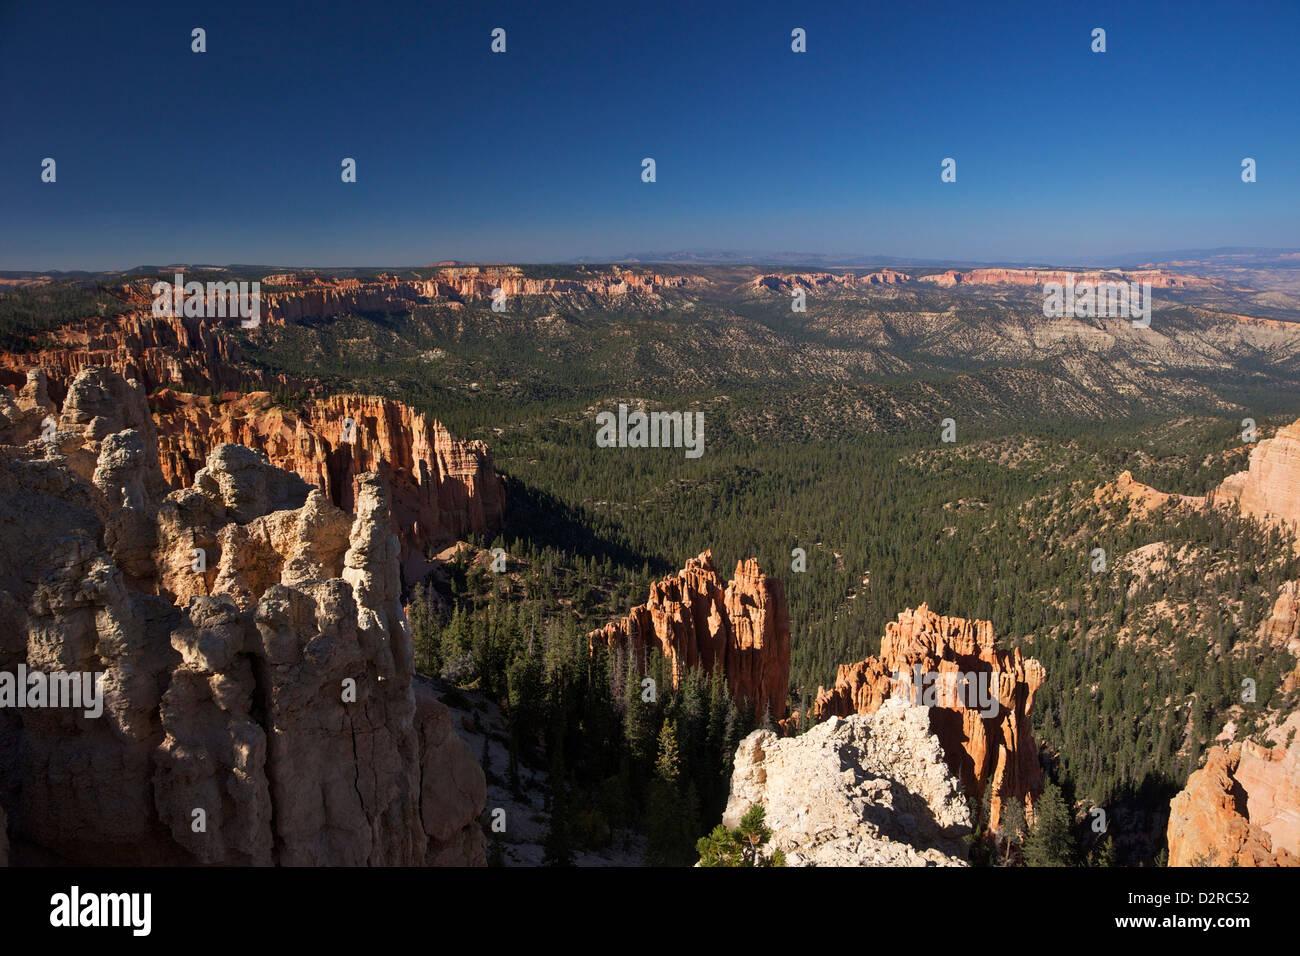 Vista la mattina presto dal punto di Ponderosa, Parco Nazionale di Bryce Canyon, Utah, Stati Uniti d'America, Immagini Stock